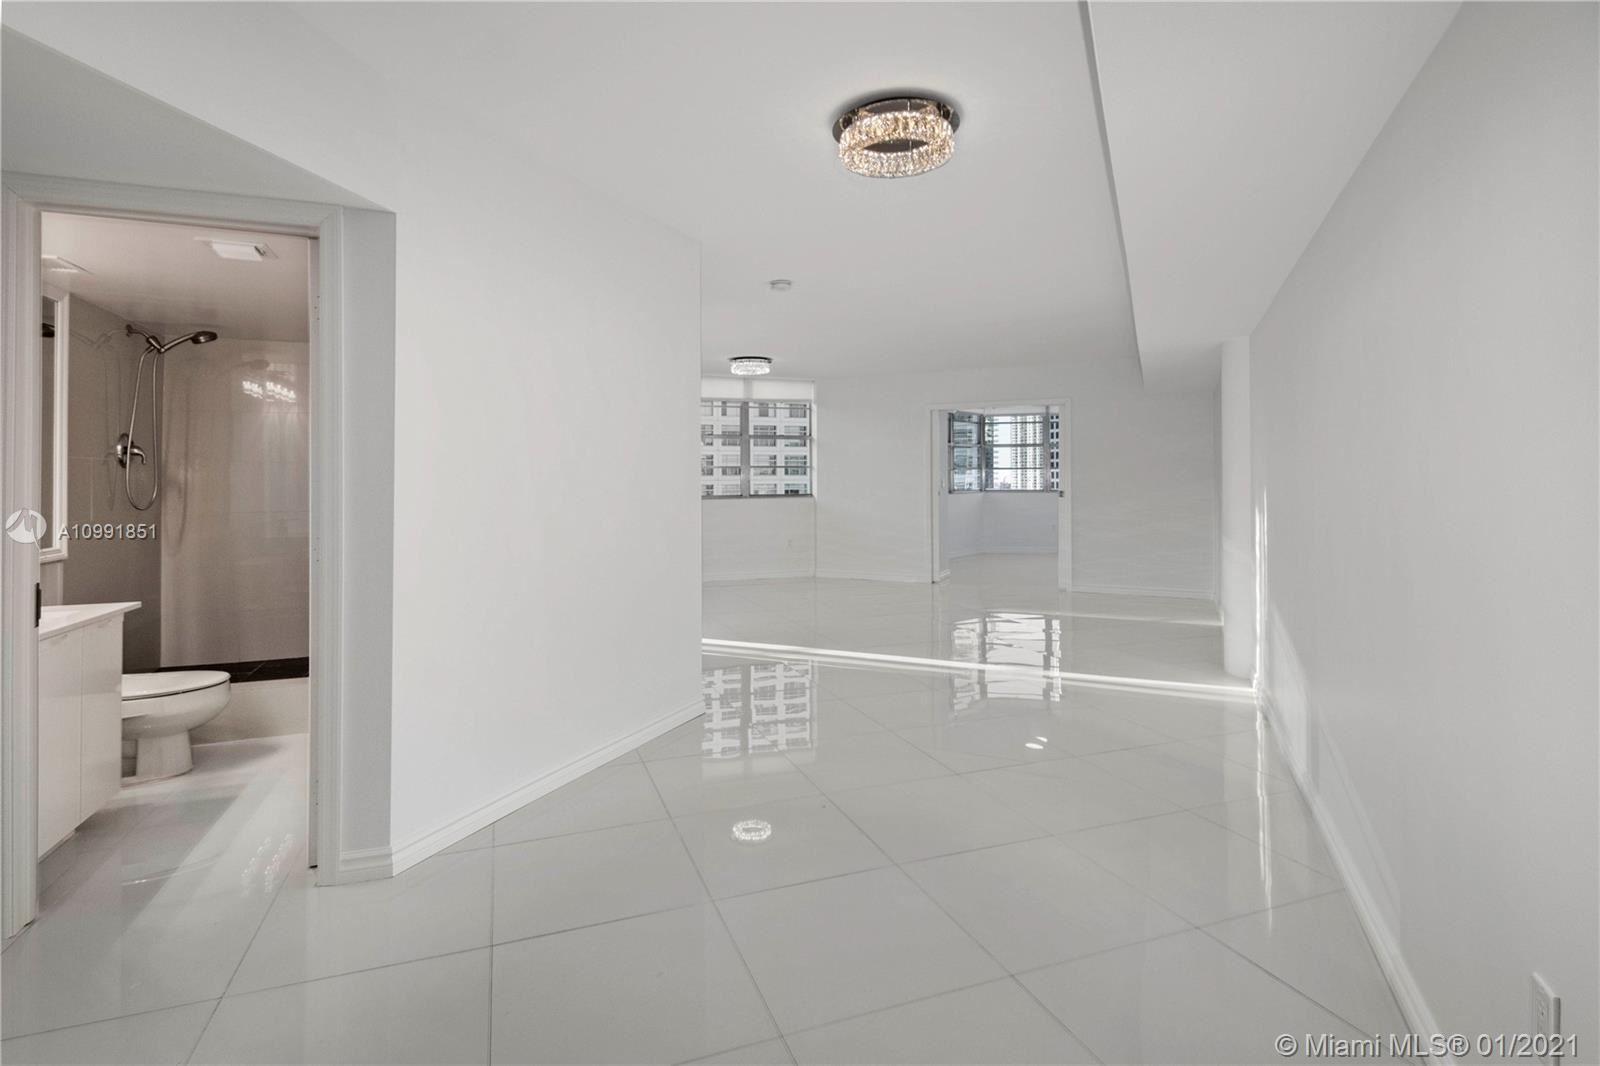 825 Brickell Bay Dr #2048, Miami, FL 33131 - #: A10991851